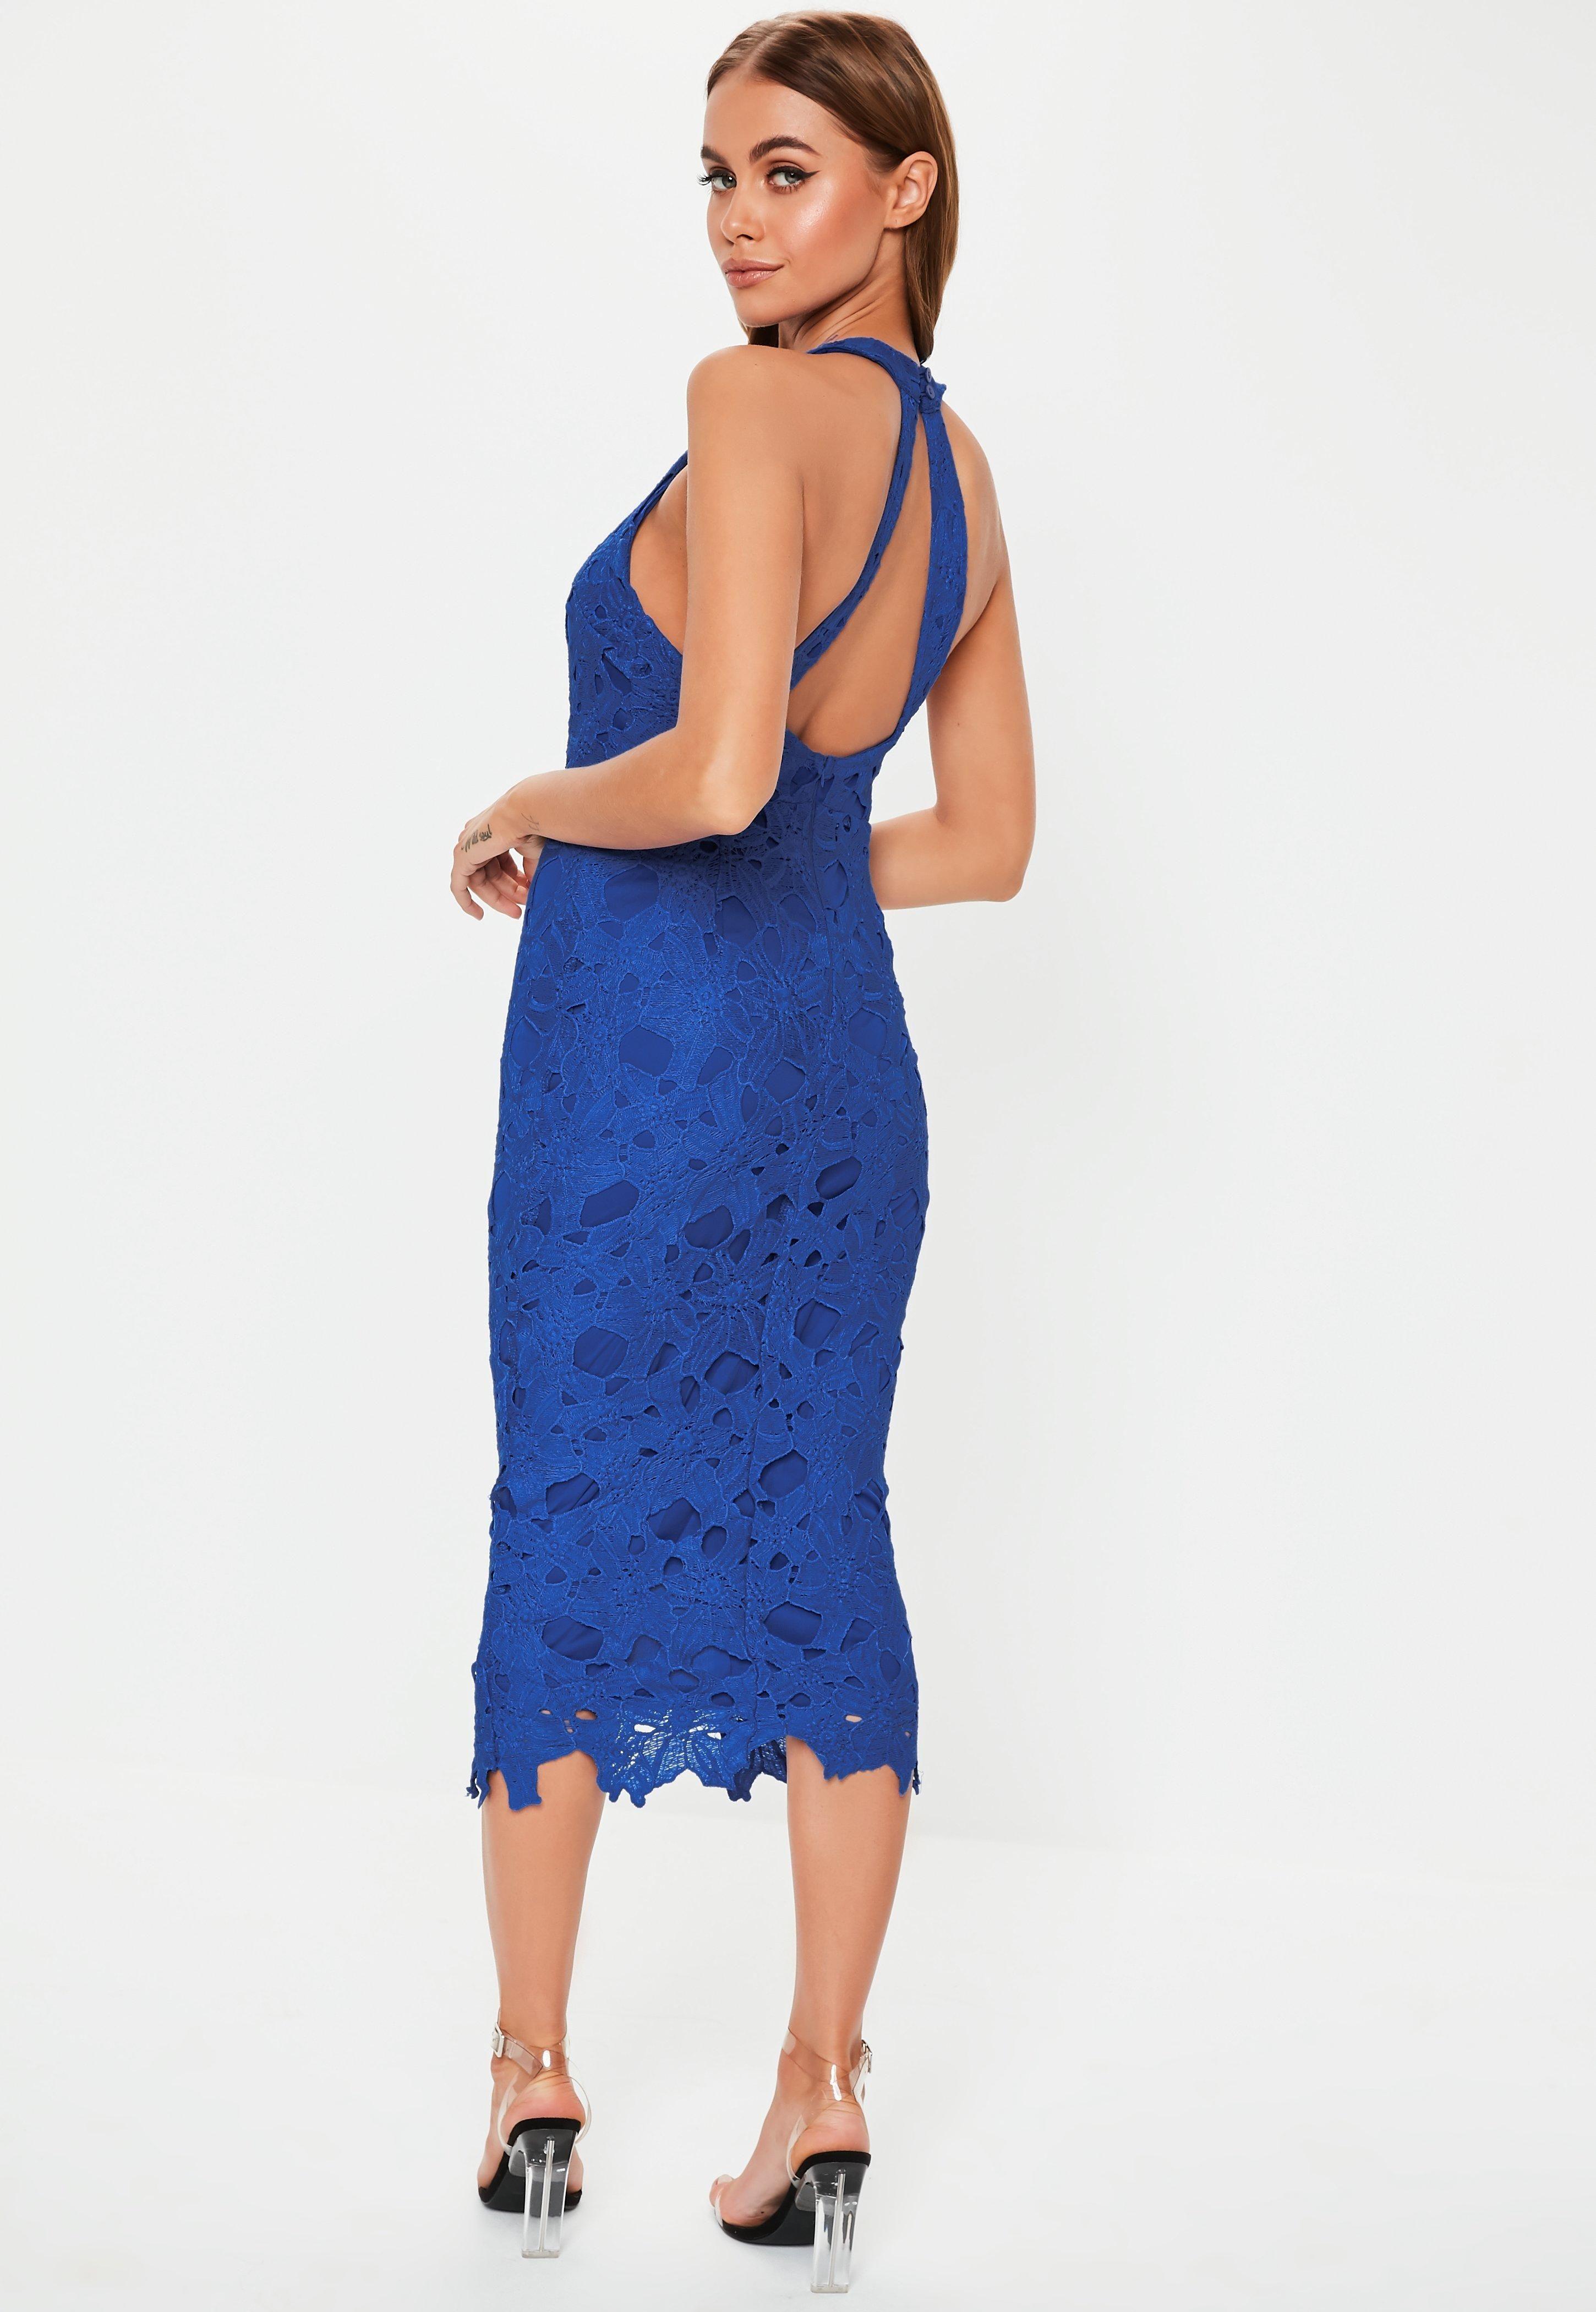 2bdc3275 Cobalt Blue Lace Halterneck Midi Dress #Sponsored #Lace, #SPONSORED, #Blue,  #Cobalt